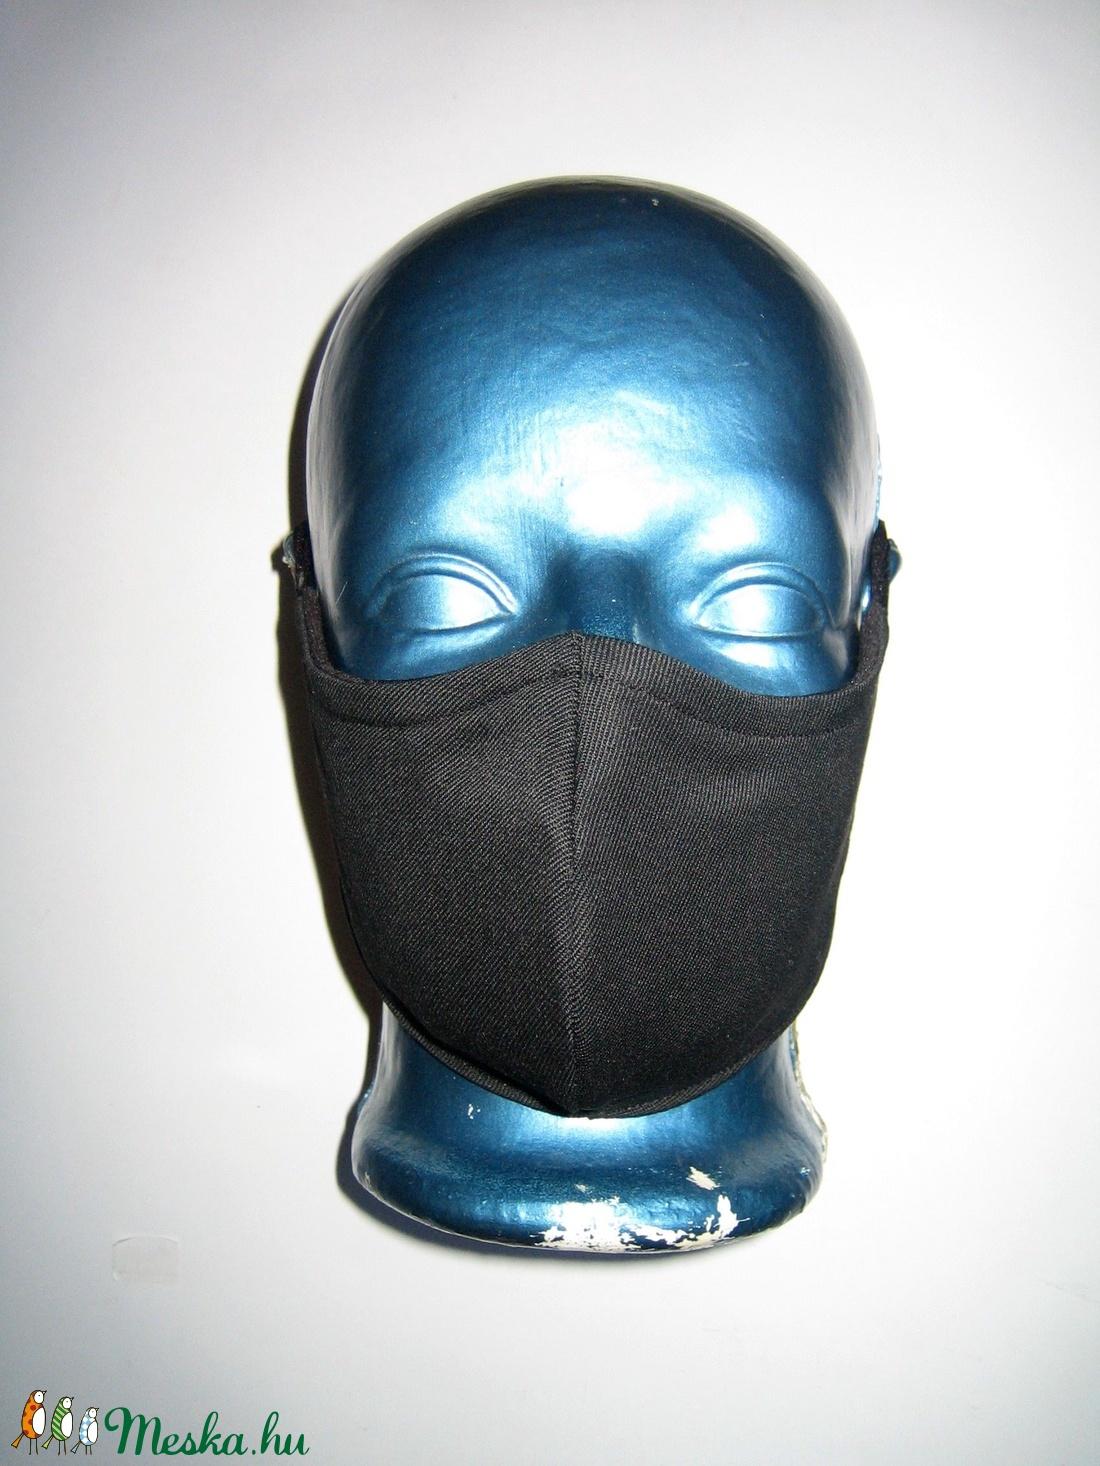 Egyedi szájmaszk szemüvegeseknek - drótos állítható gumival arcmaszk biciklis maszk  - maszk, arcmaszk - női - Meska.hu